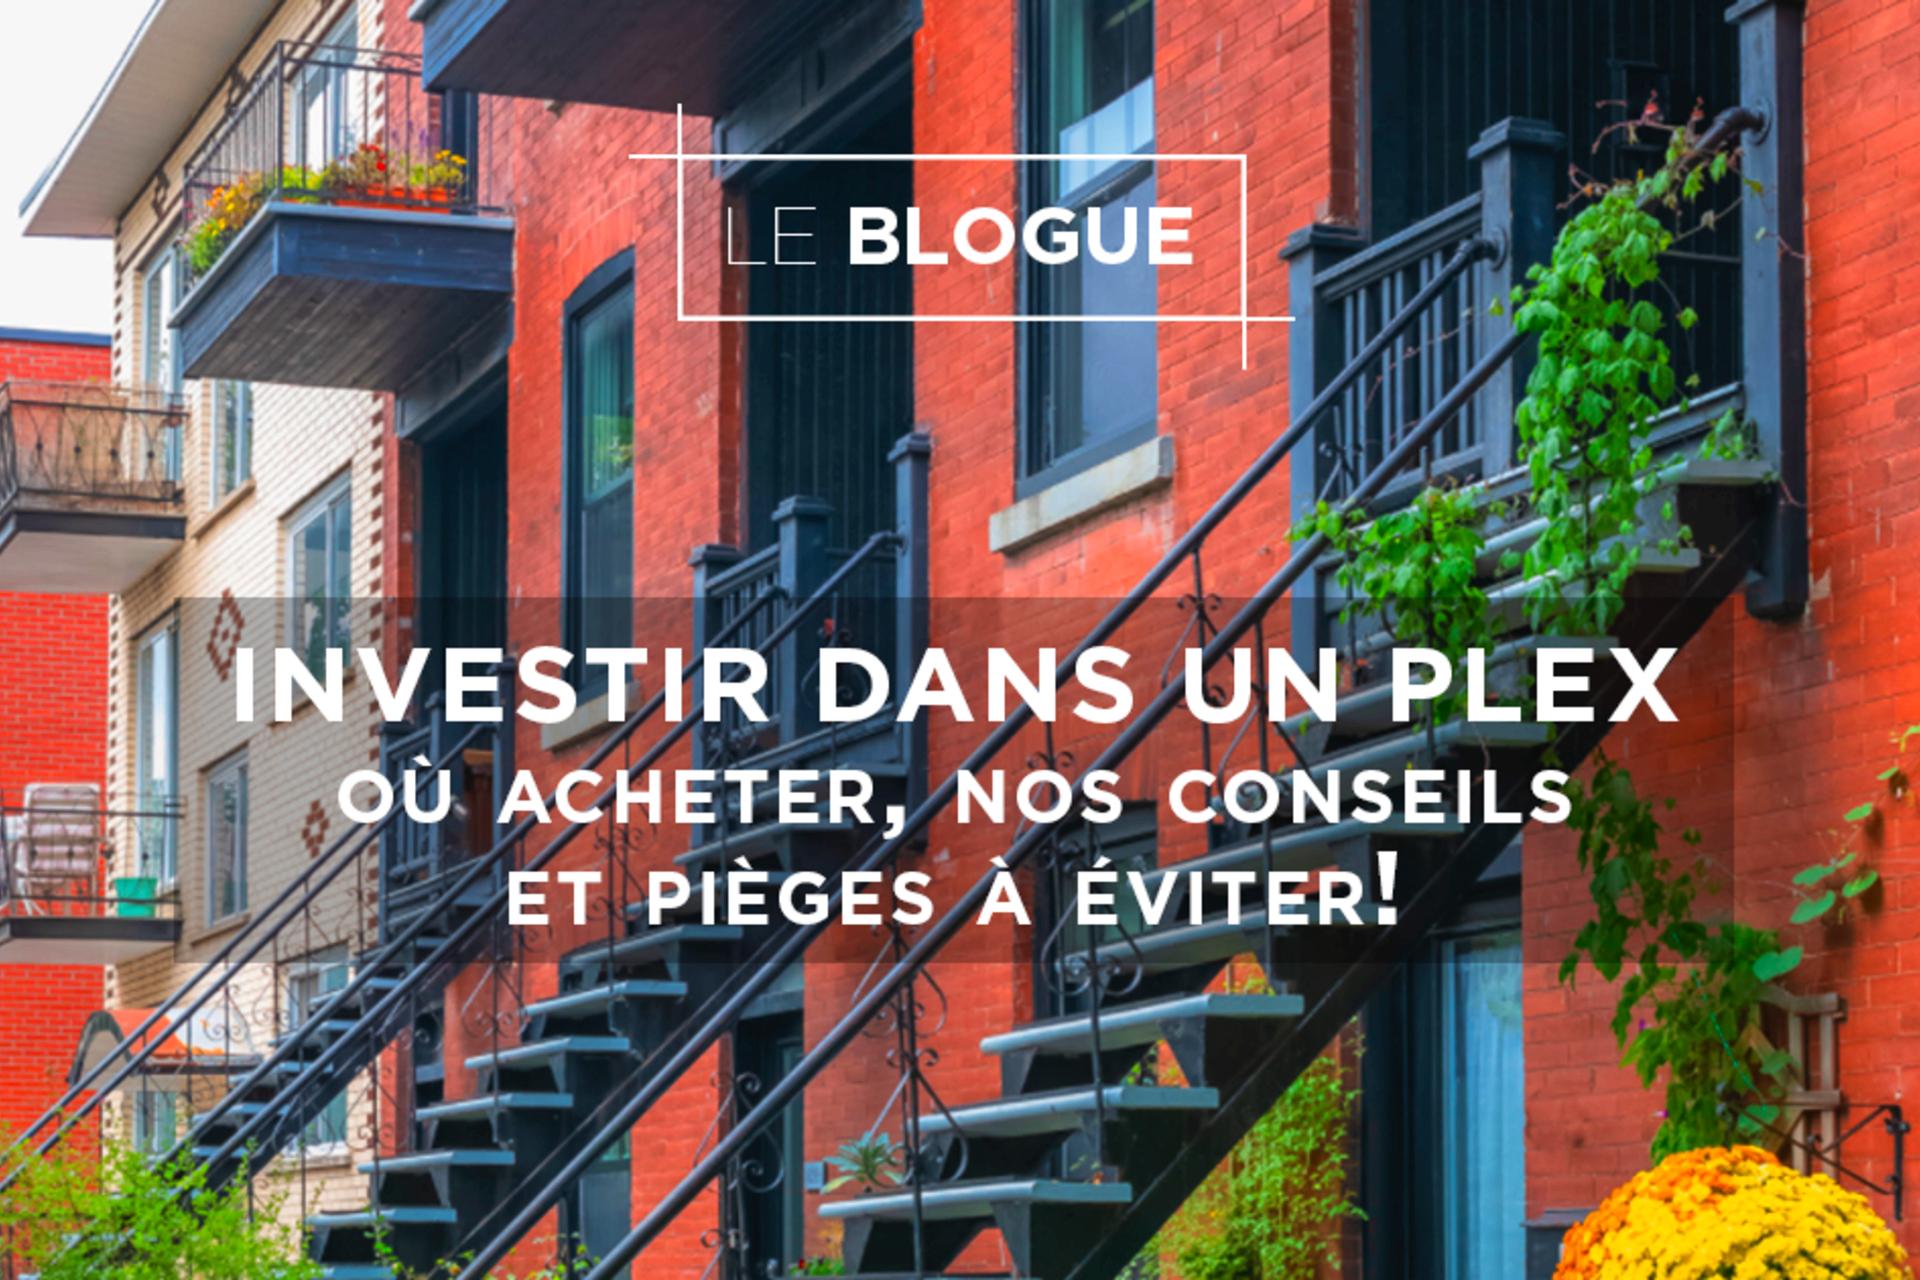 Investir dans le plex à Montréal: où acheter, conseils et pièges à éviter